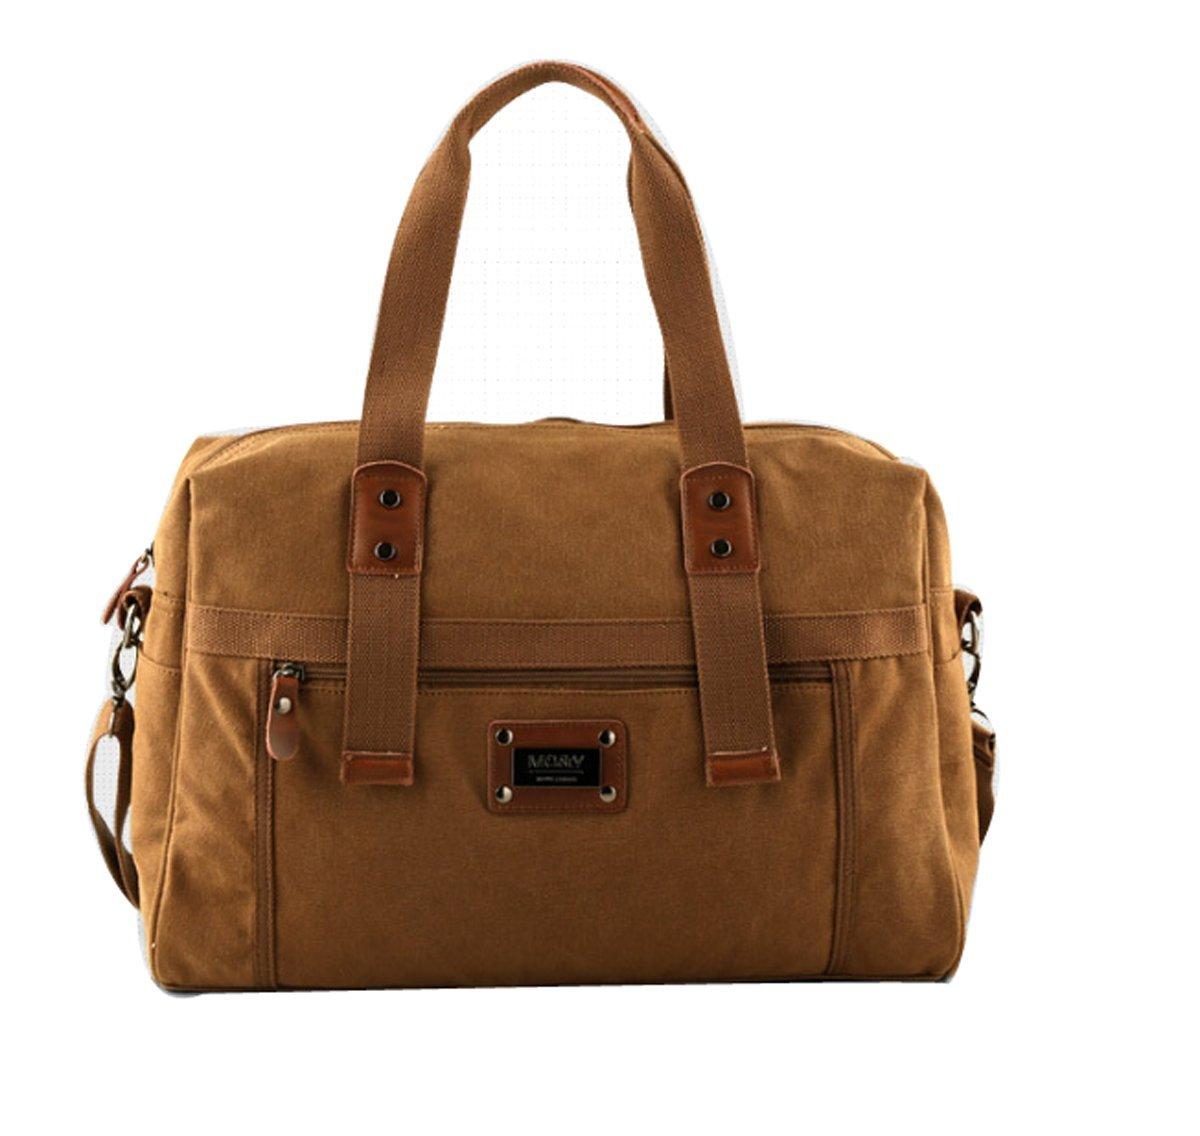 19 Inch Canvas Messenger Bag for Men, Moraner Military Crossbody Shoulder Bag Satchel Travel Bag Bookbag by Moraner